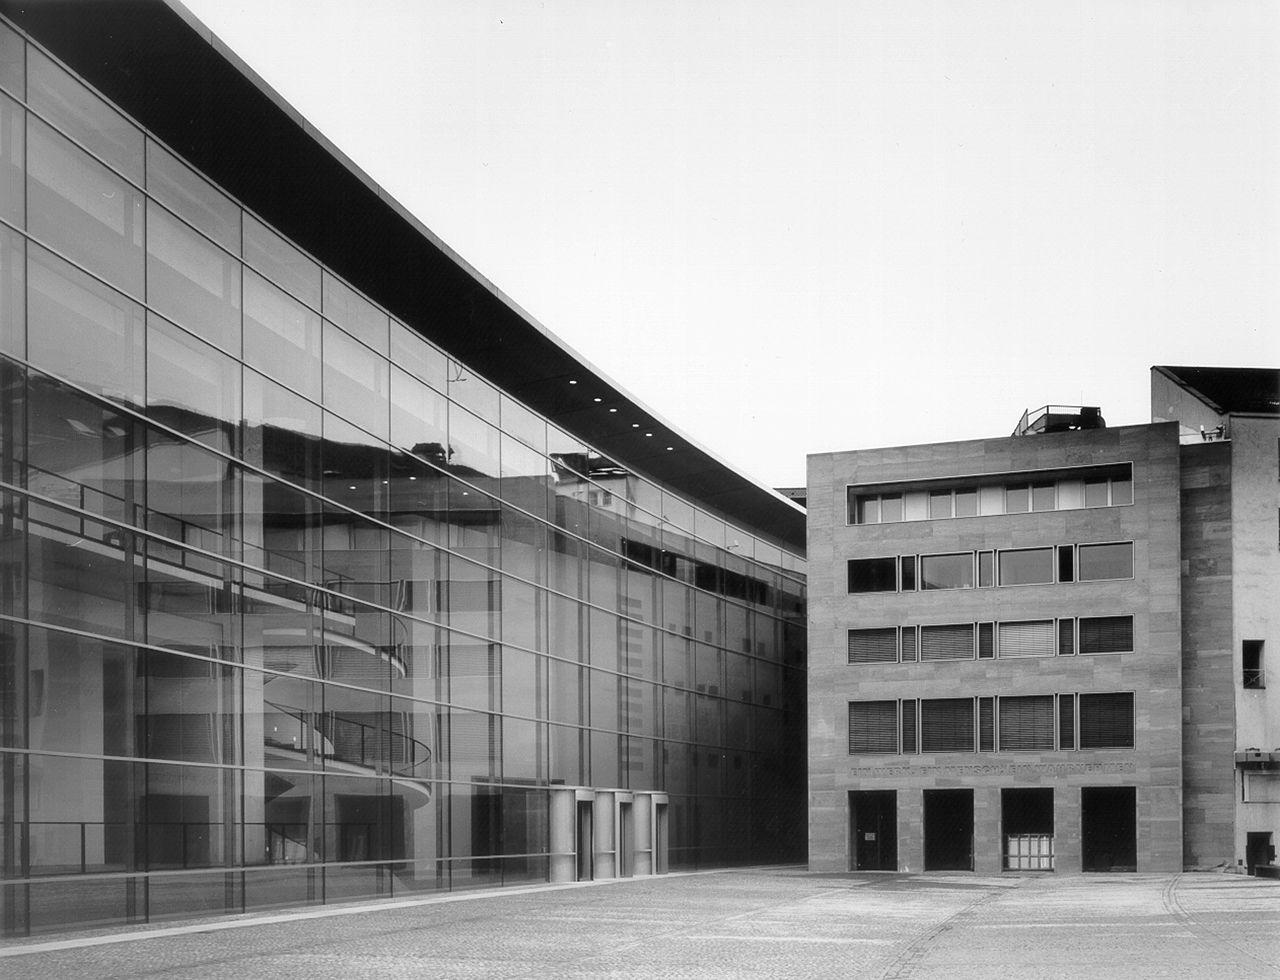 Das Neue Museum Nürnberg und seine 100 Meter lange, sanft geschwungene Fassade.